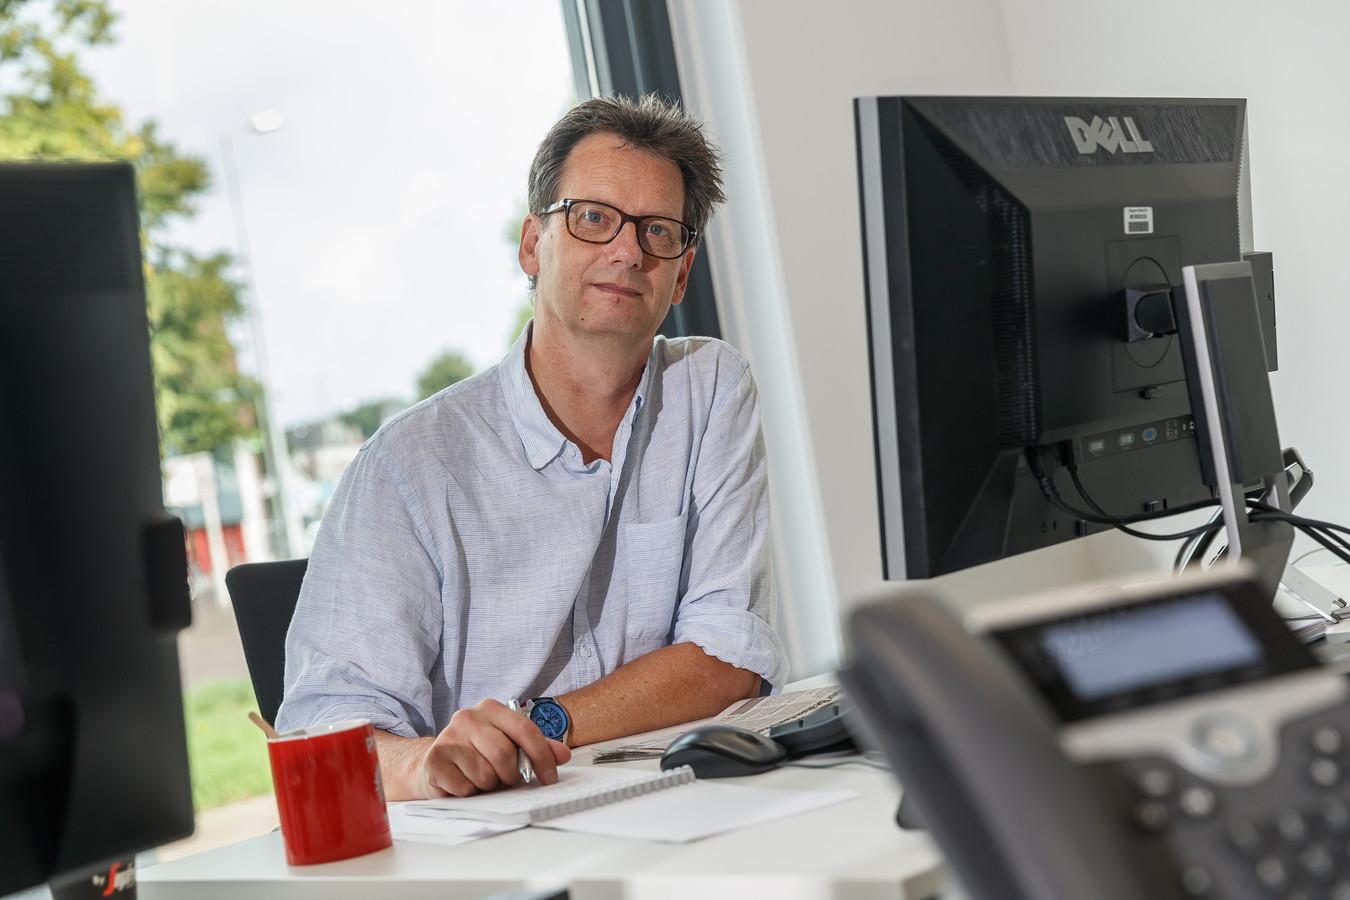 """Verslaggever Nico Schapendonk heeft een hart voor regiopolitiek: ,,Ik vind het absoluut niet erg om de gemeenteraad te volgen."""""""